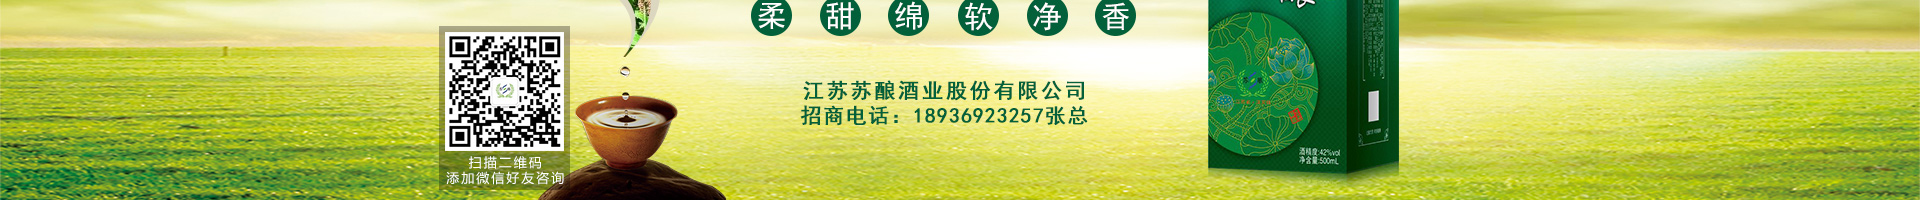 江苏苏酿酒业股份有限公司